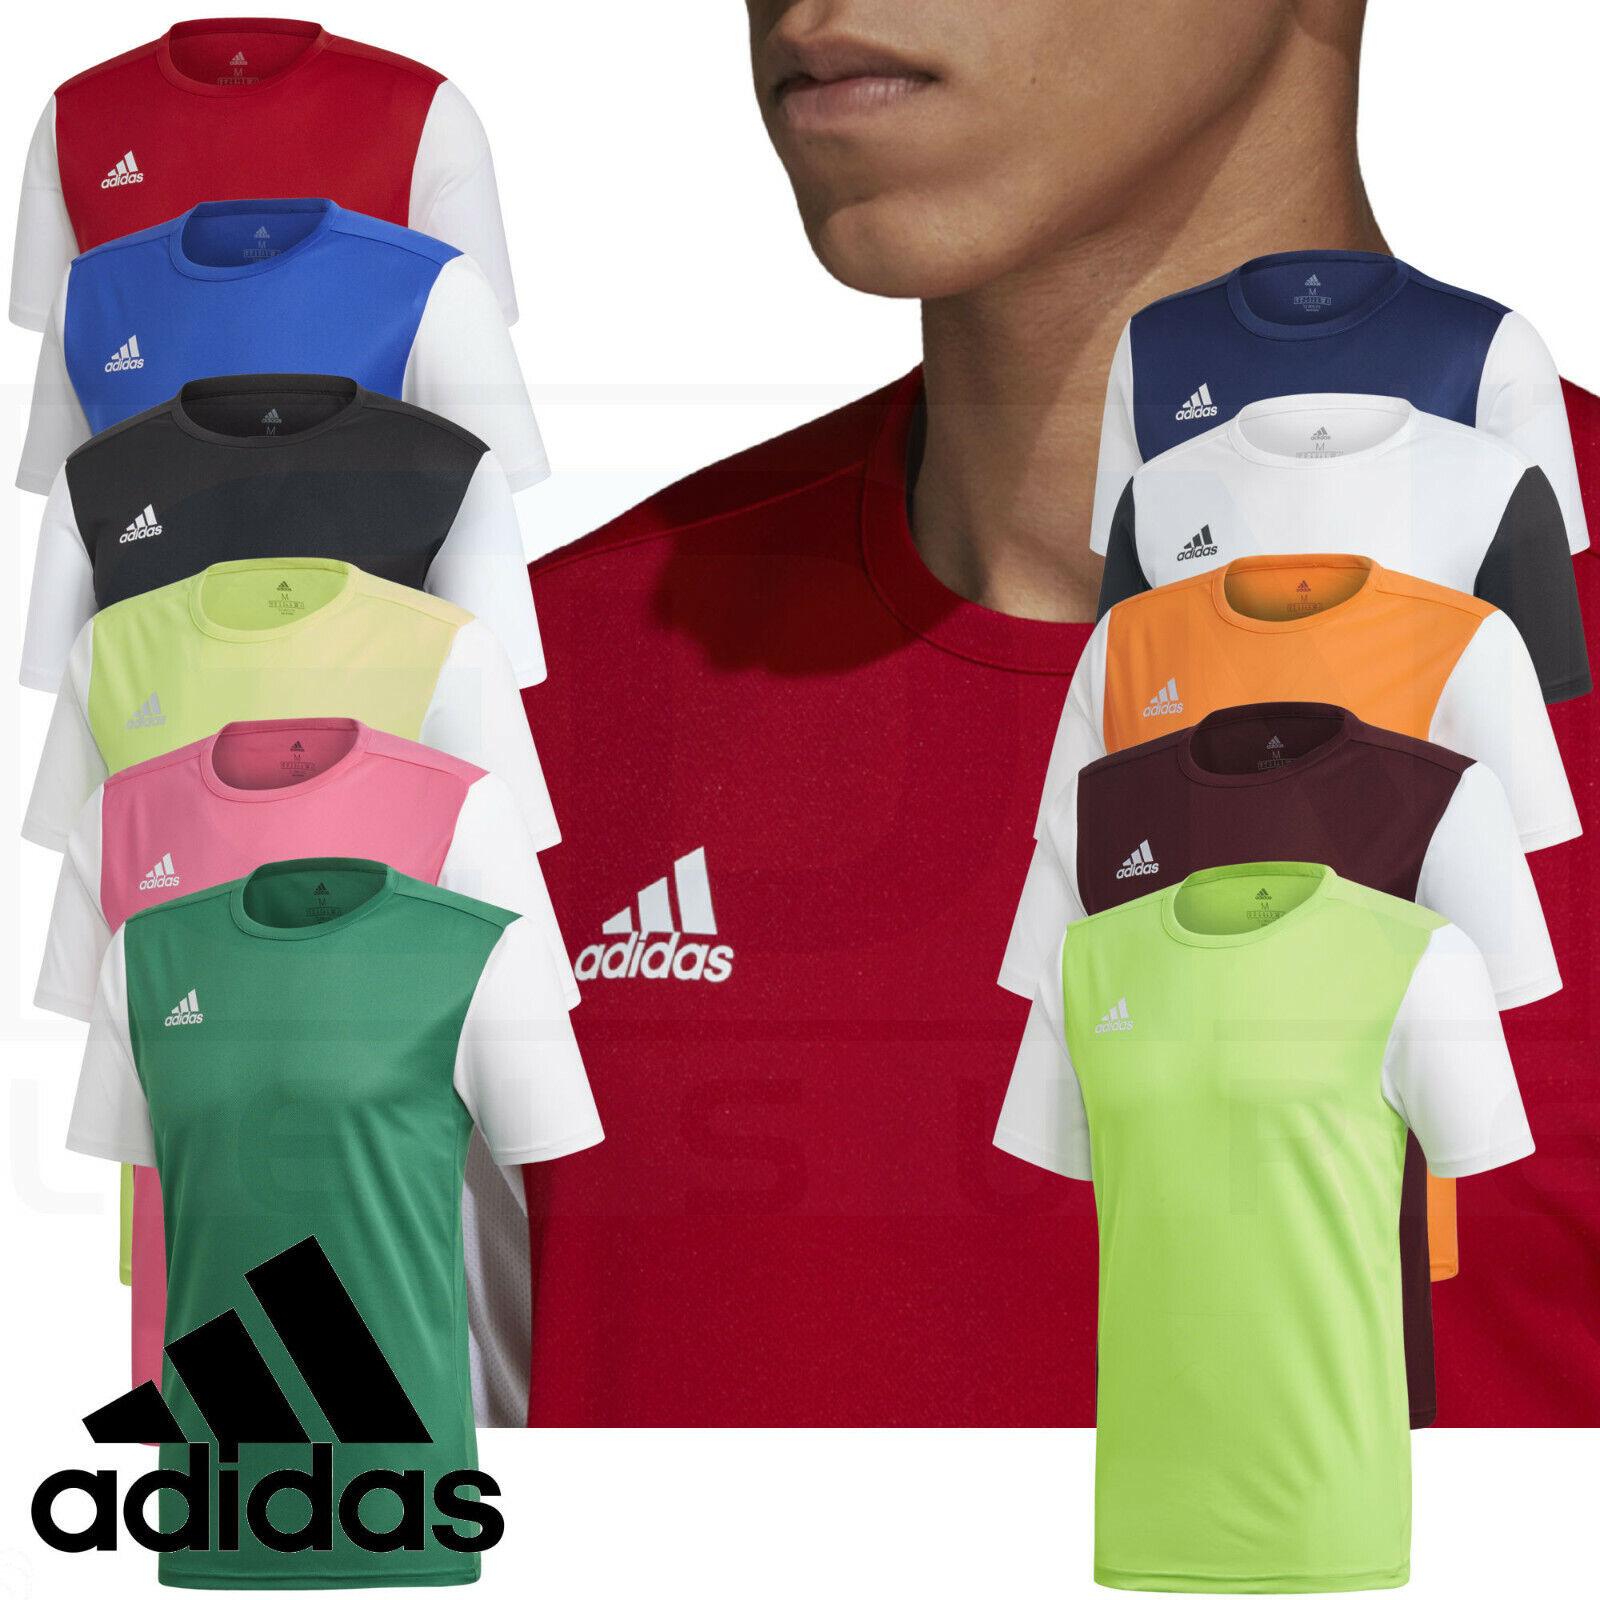 adidas Trikot Estro 19 Jersey schwarzweiß Fussball Shop